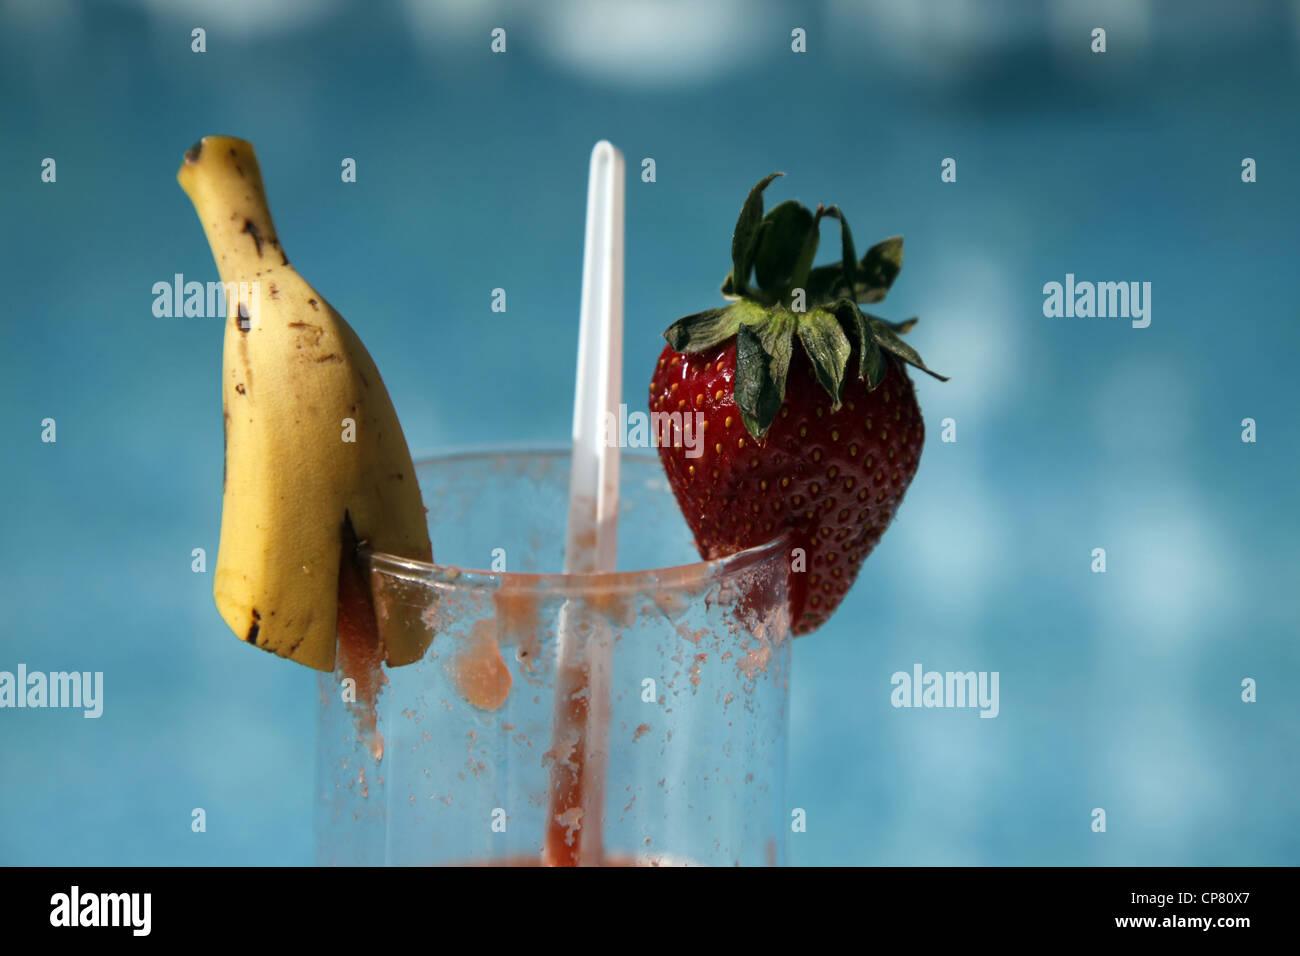 Fresa Banana & sobre vidrio lado Turquía el 15 de abril de 2012 Imagen De Stock